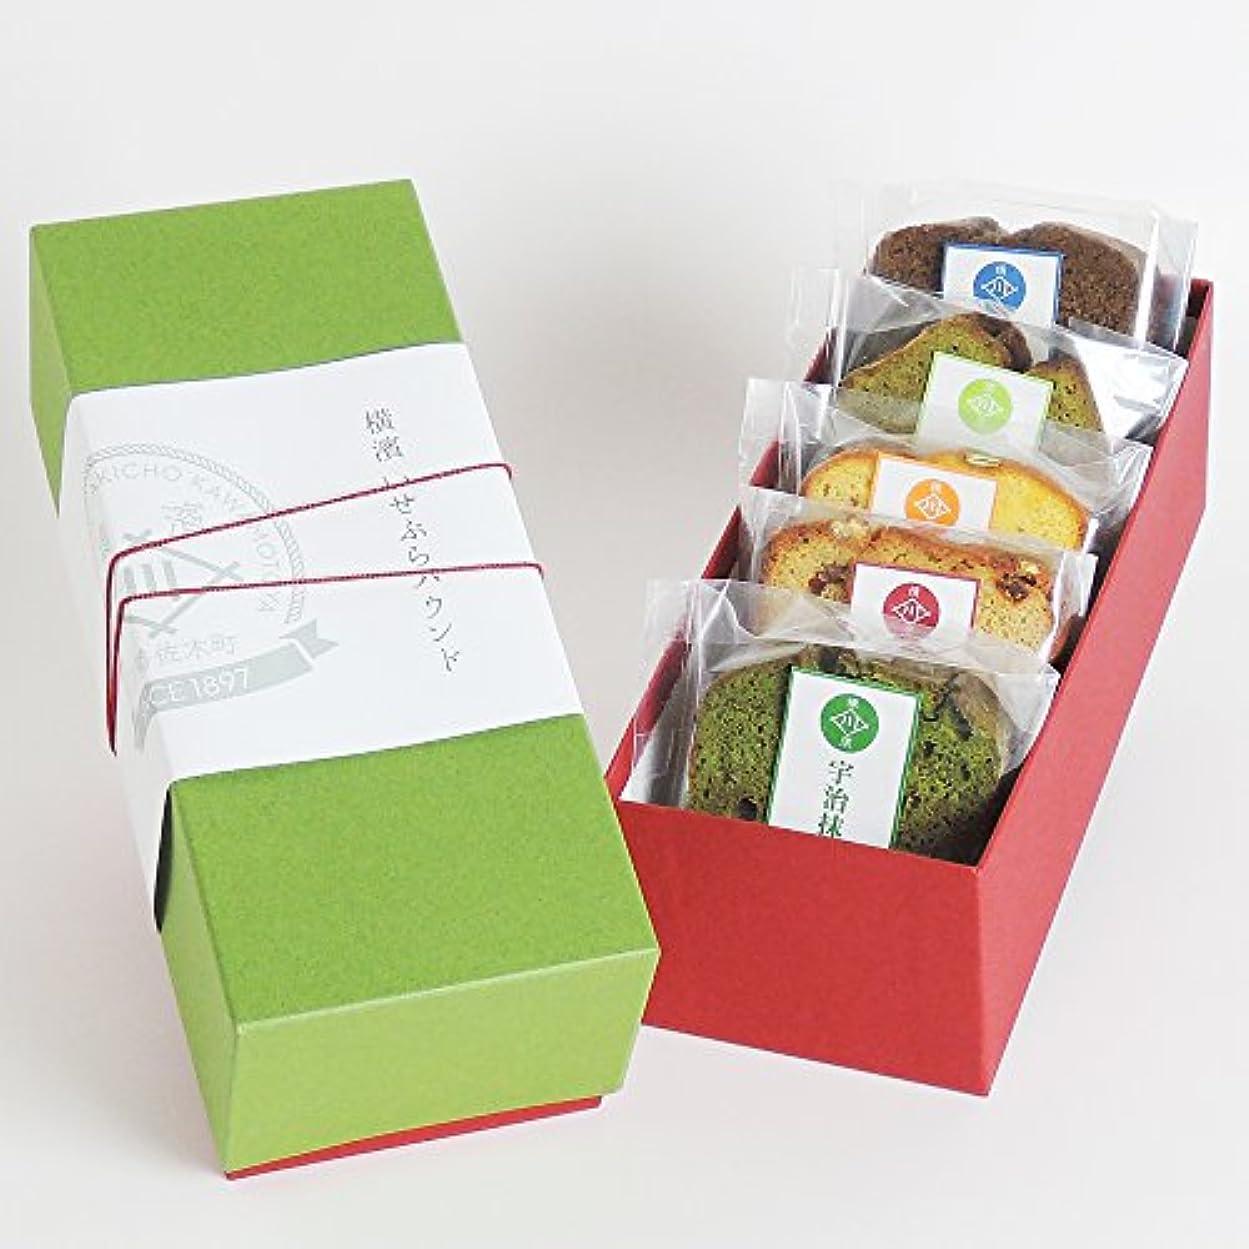 アラバマバイアス区別するパウンドケーキ5種セット 和菓子 高級貼箱 ギフトプレゼント 詰め合わせ 川本屋茶舗 (快気祝い)